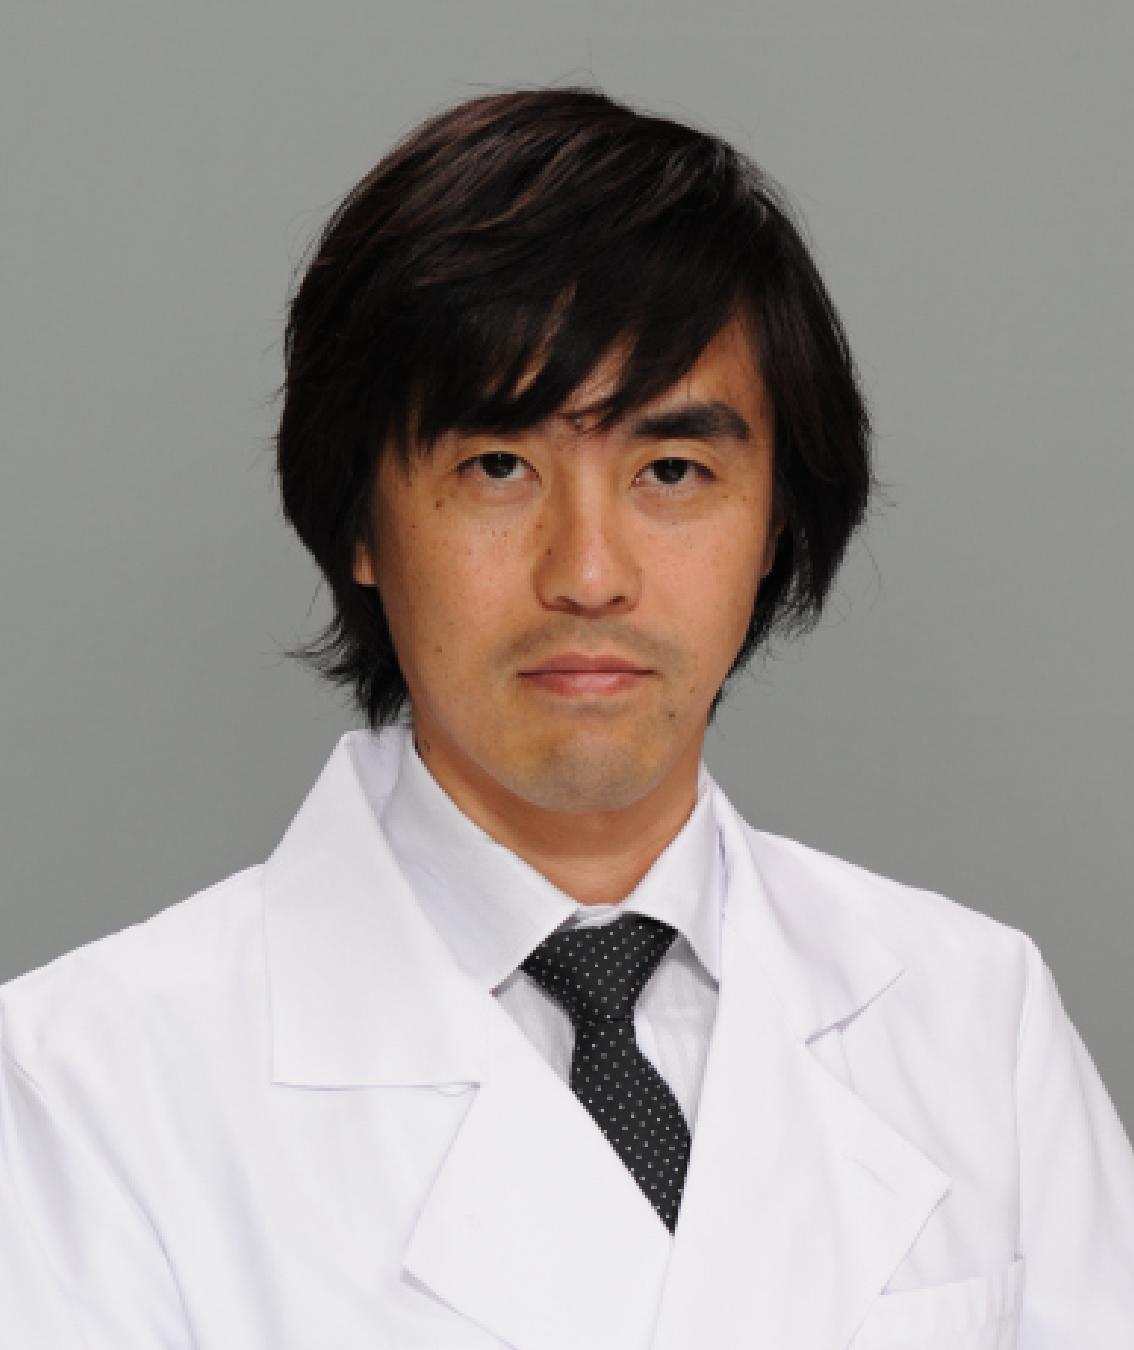 Kou Fujiwara